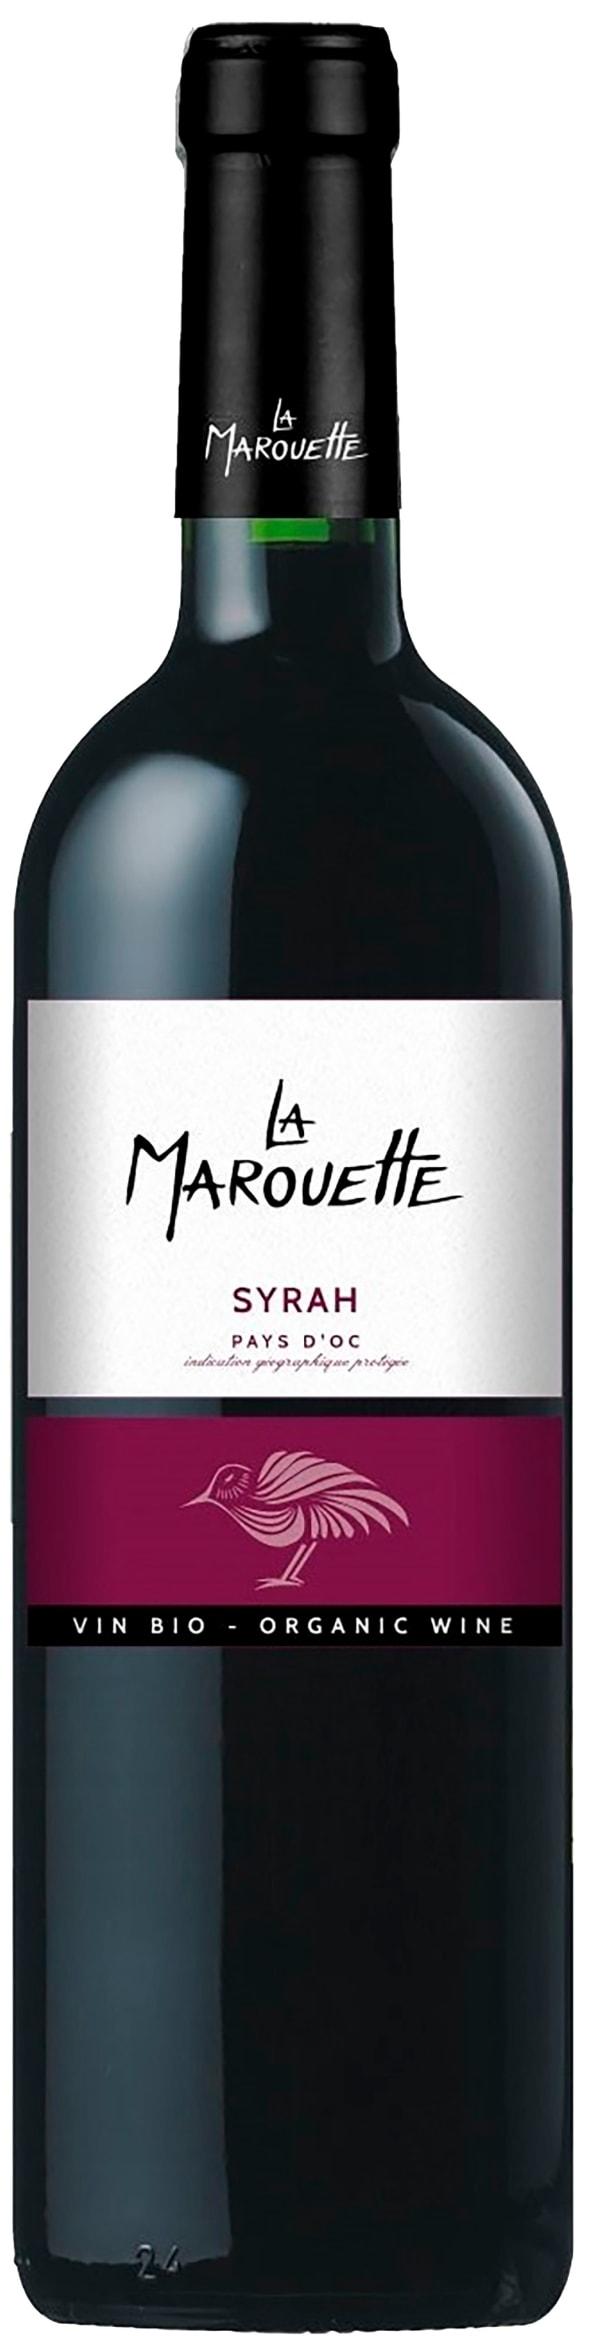 La Marouette Organic Syrah 2017